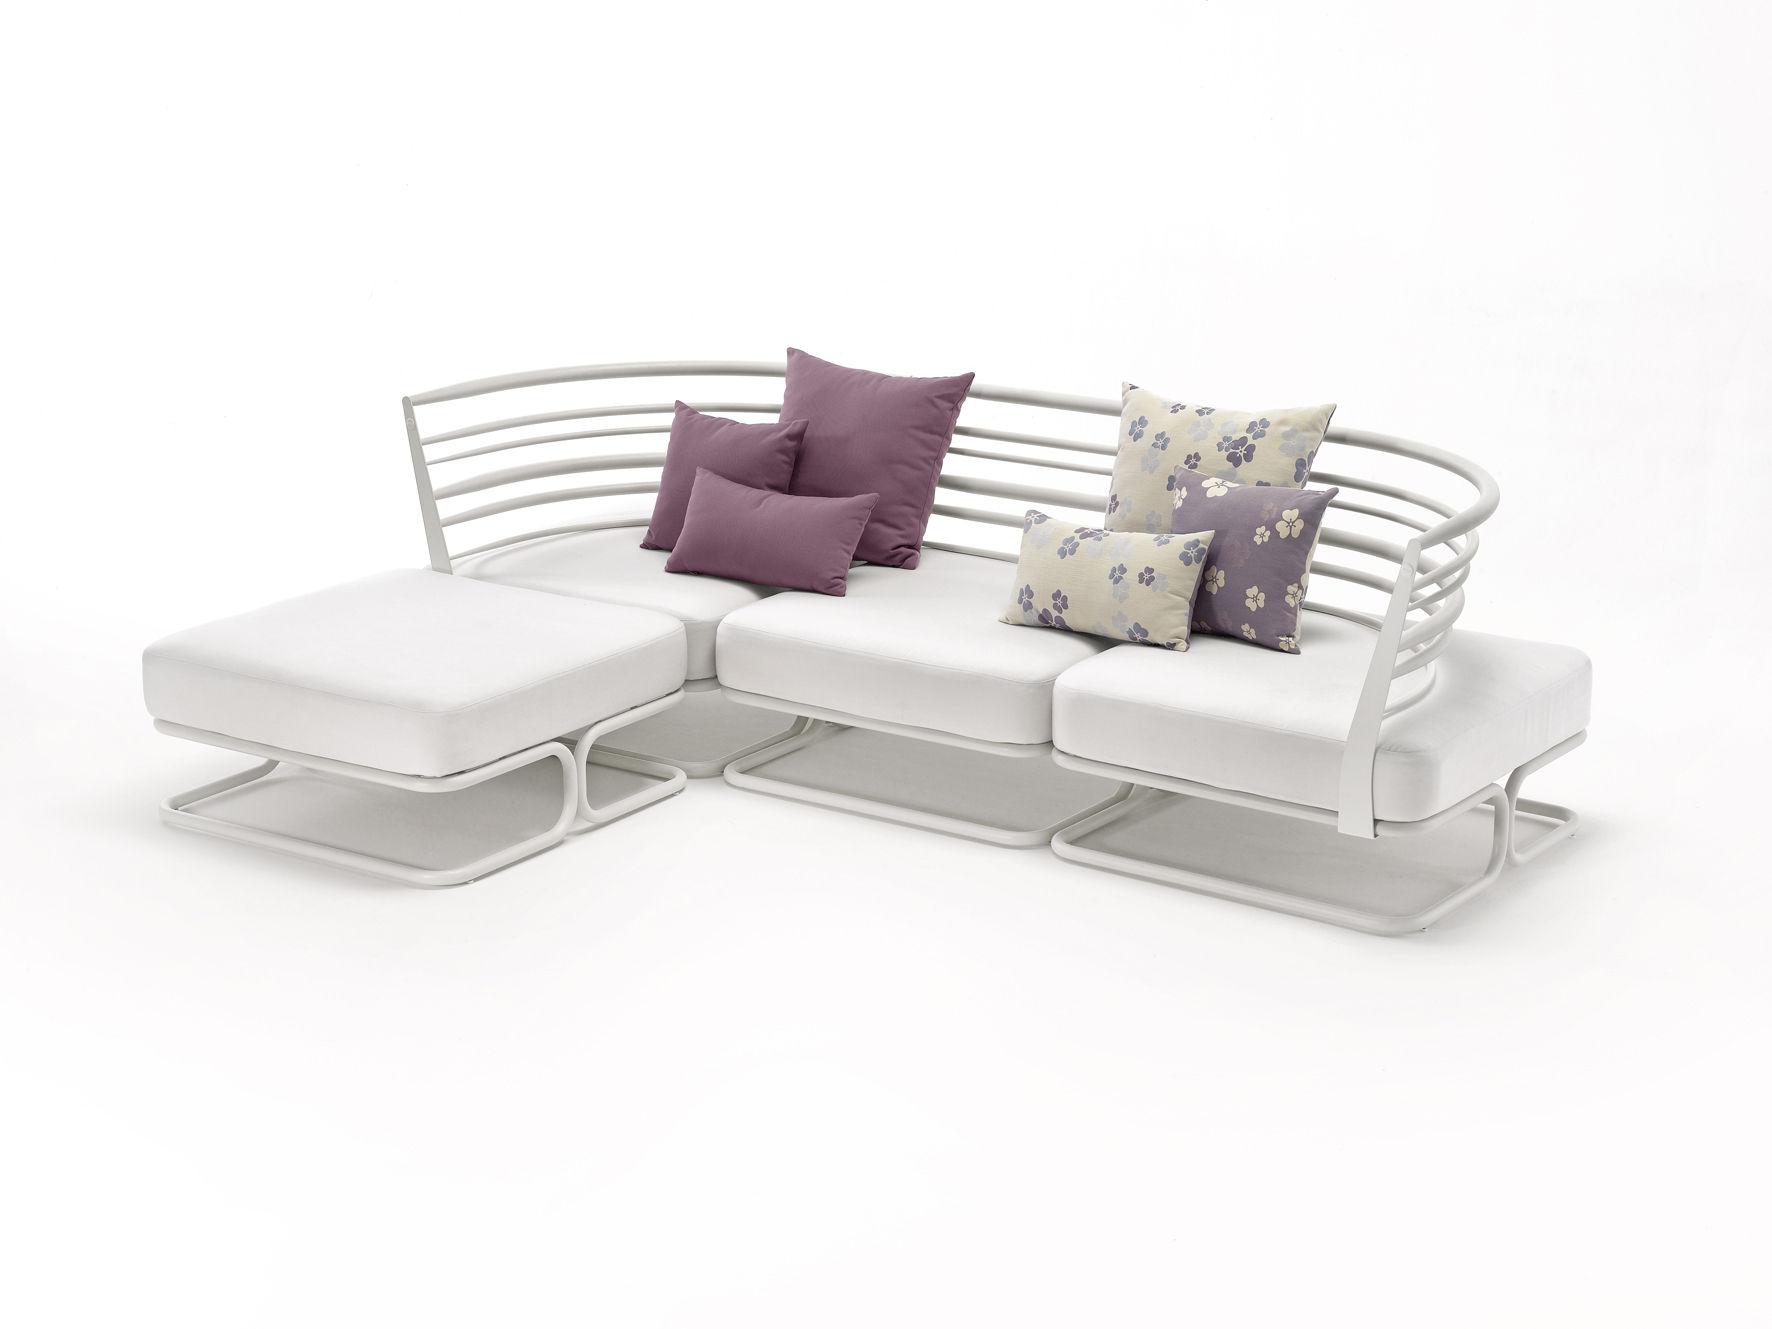 Soft ware tr fle outdoor kissen f r den au eneinsatz 55 x 55 cm 55 x 55 cm violett beige - Outdoor kissen fur loungemobel ...